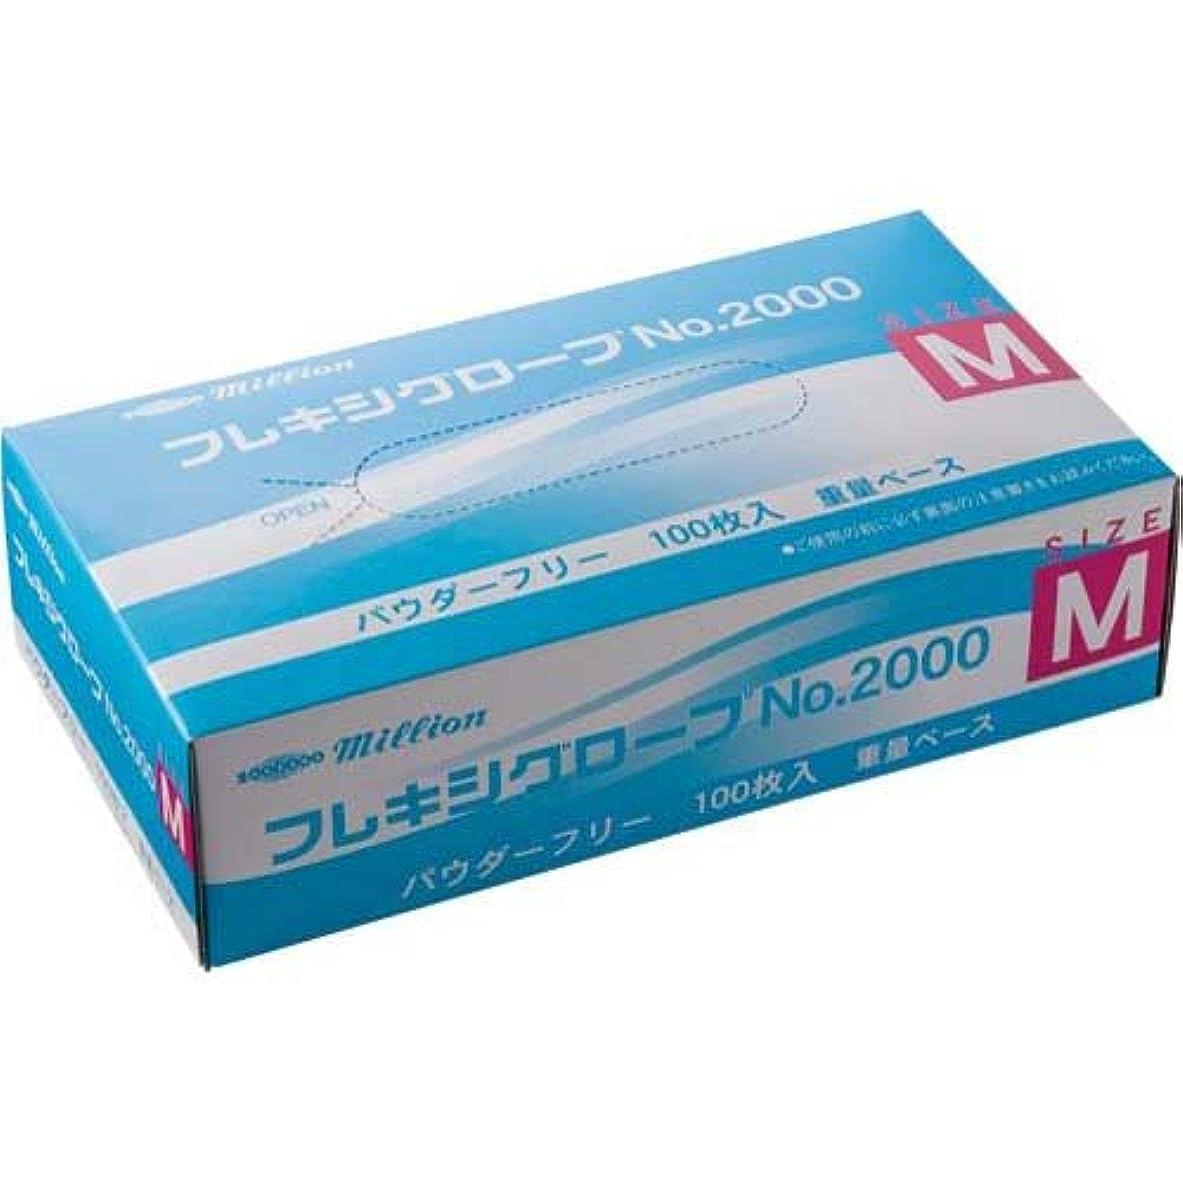 ショップ悲鳴説得共和 プラスチック手袋 粉無 No.2000 M 10箱